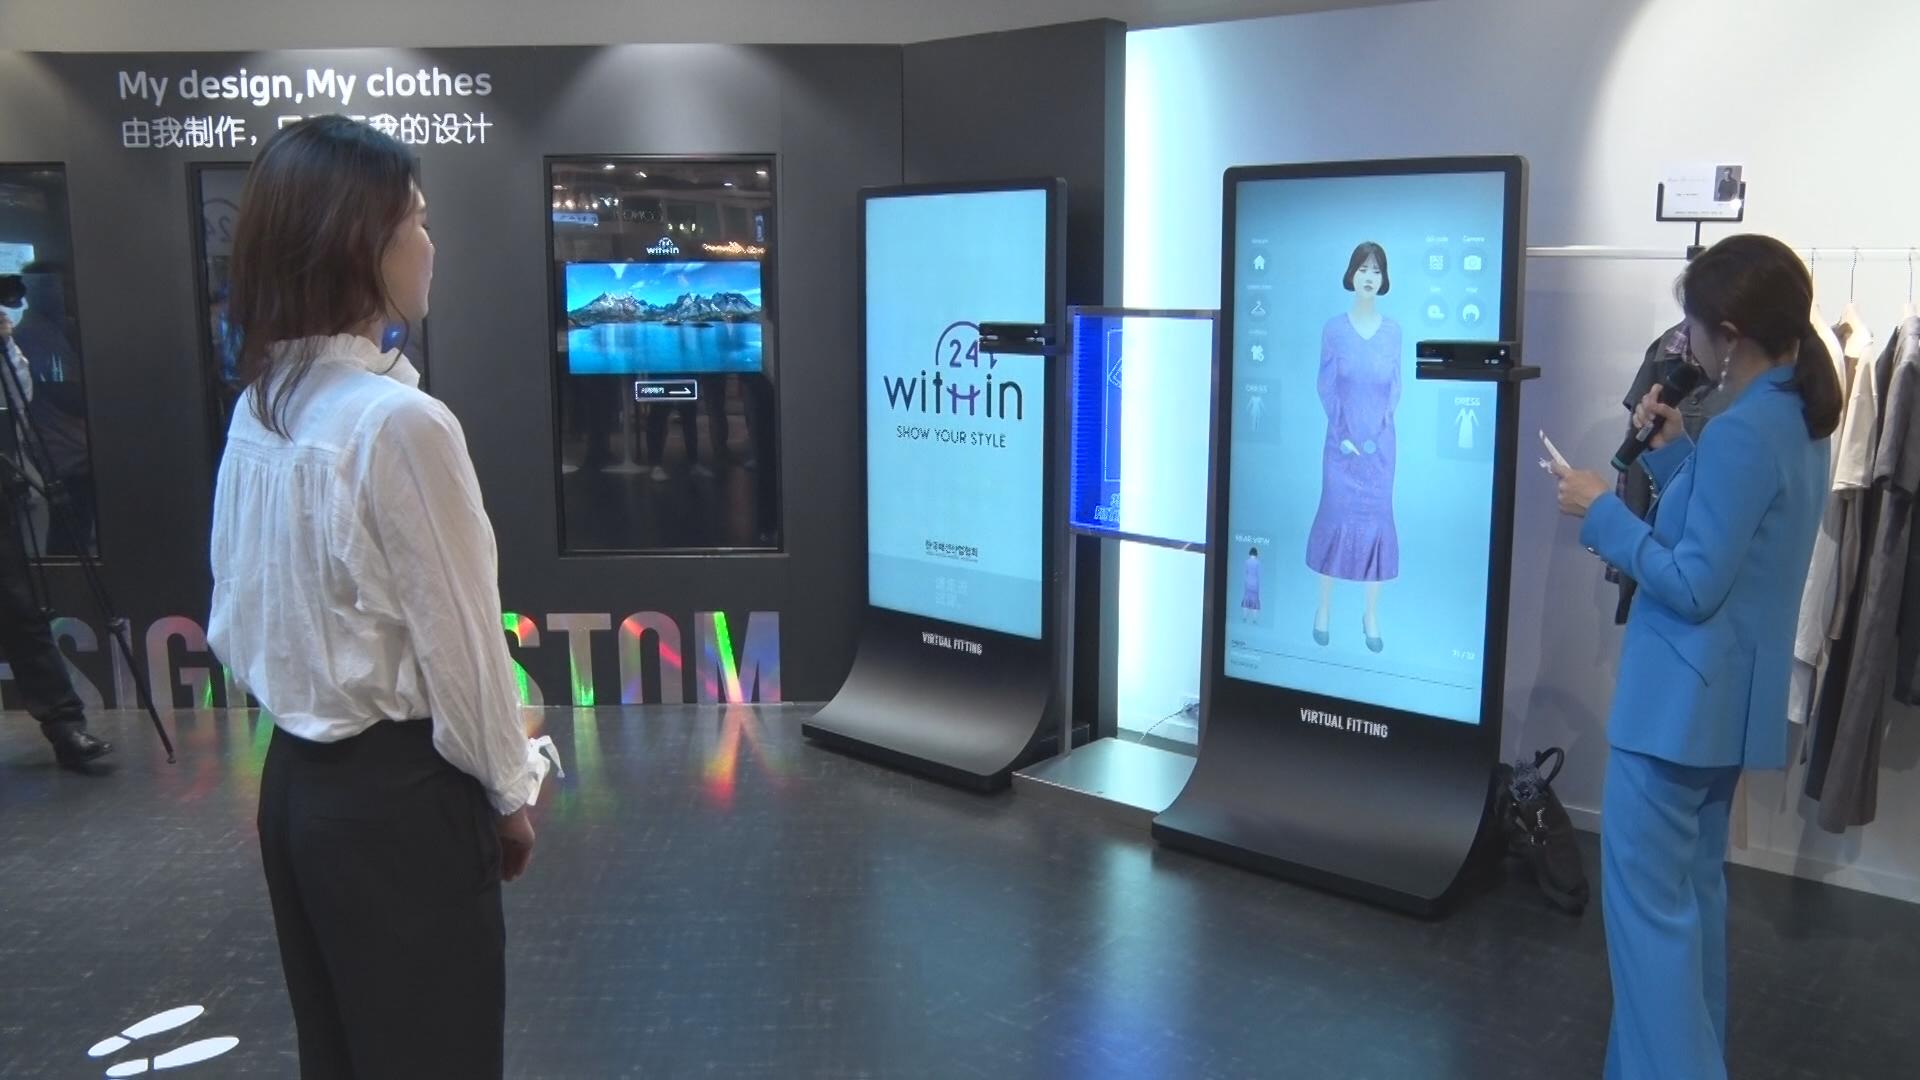 패션시장의 디지털화…가상으로 옷 입고 하루 만에 맞춤옷